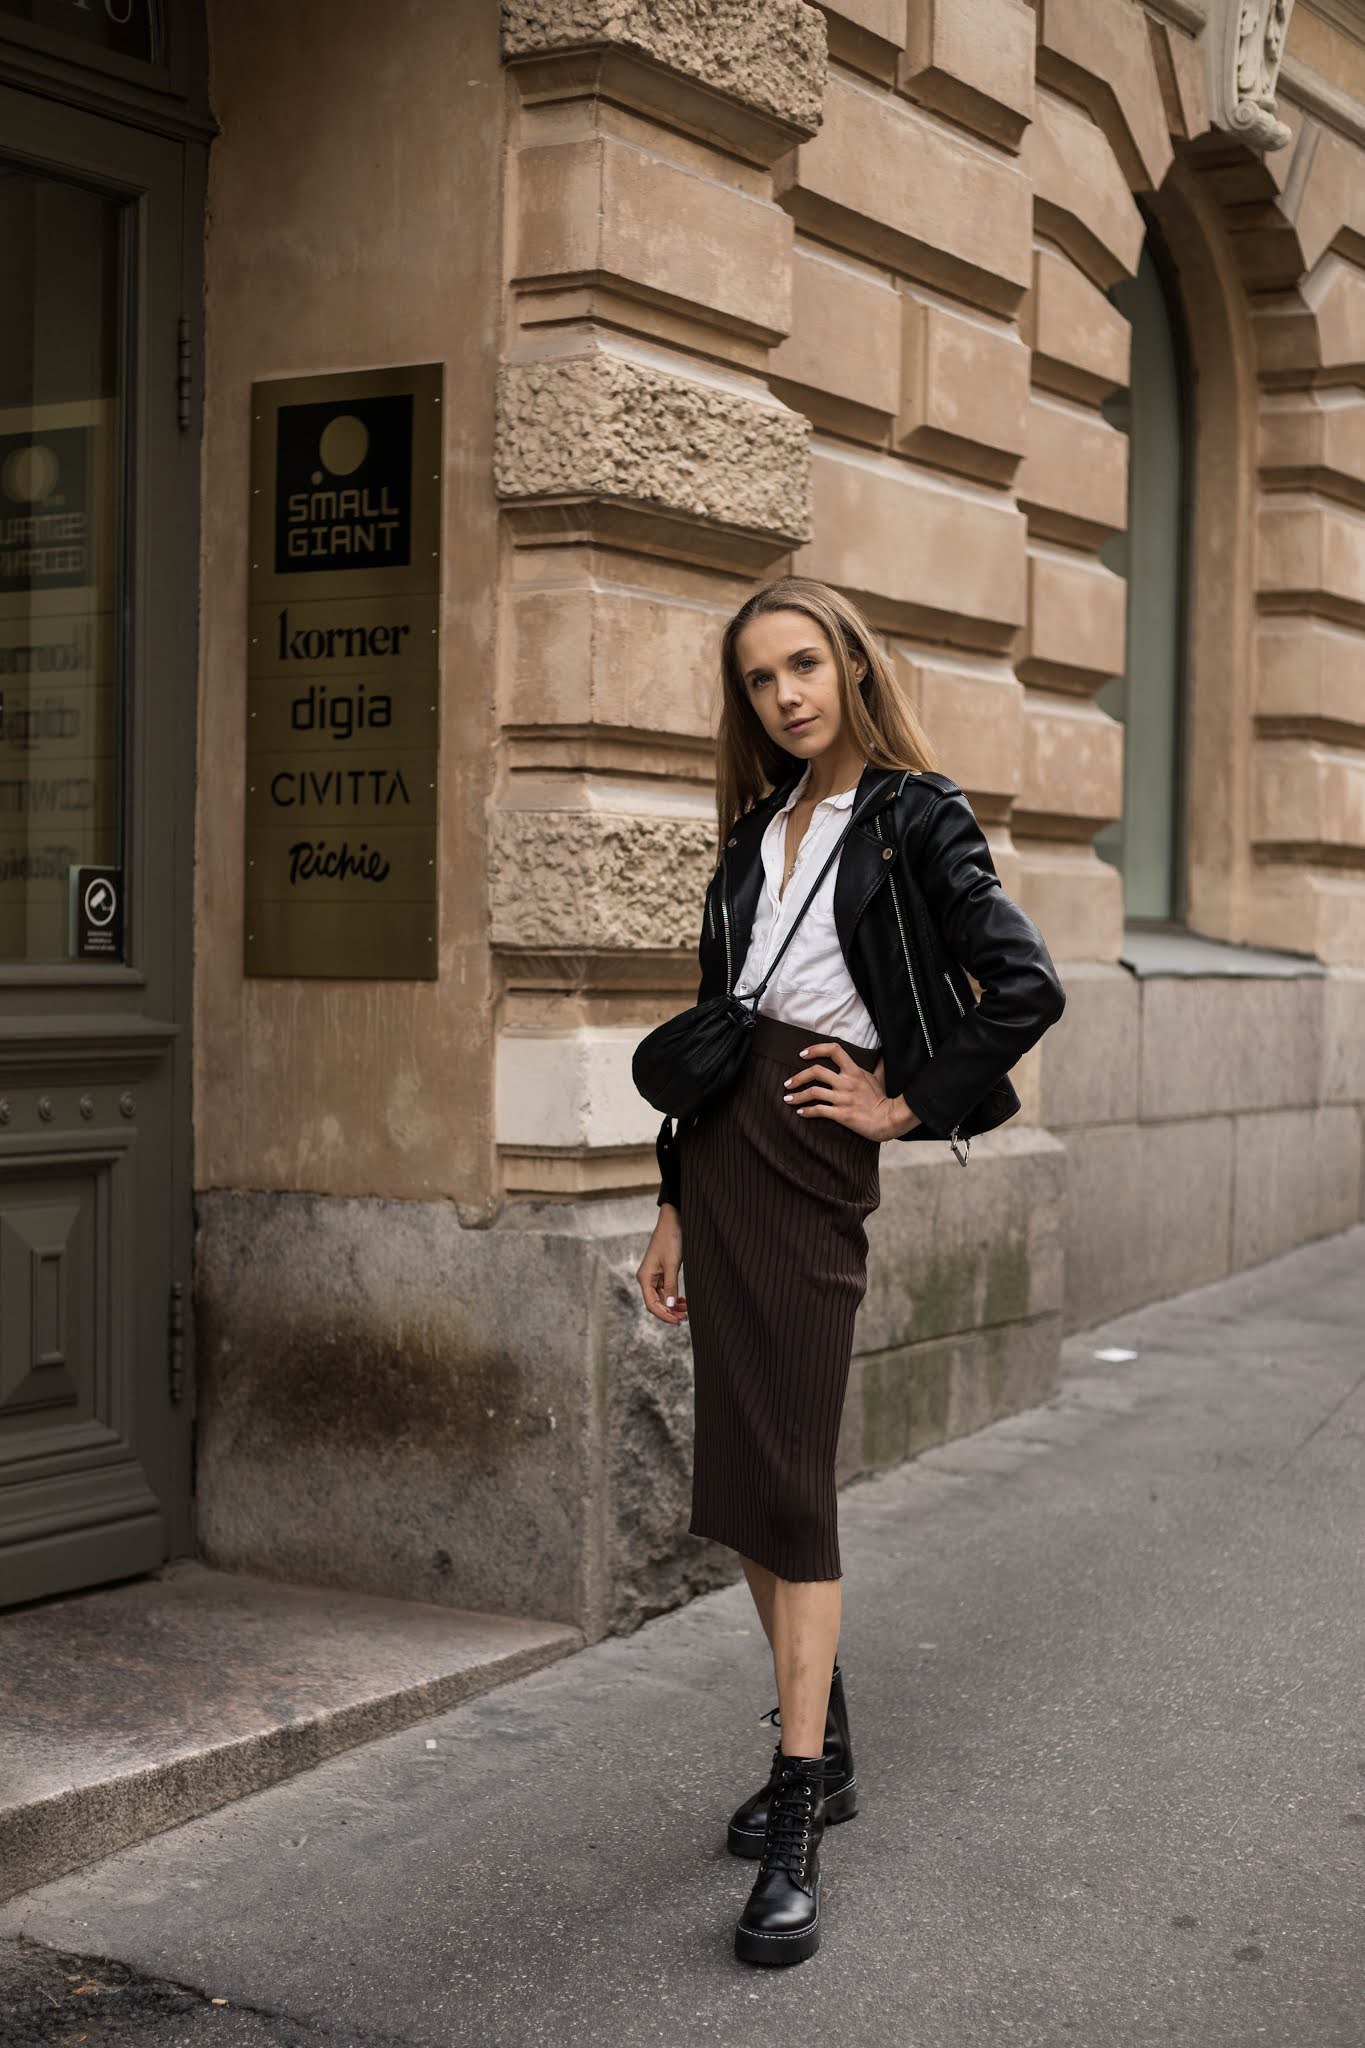 Vanhat pukeutumissäännöt // Old fashion rules